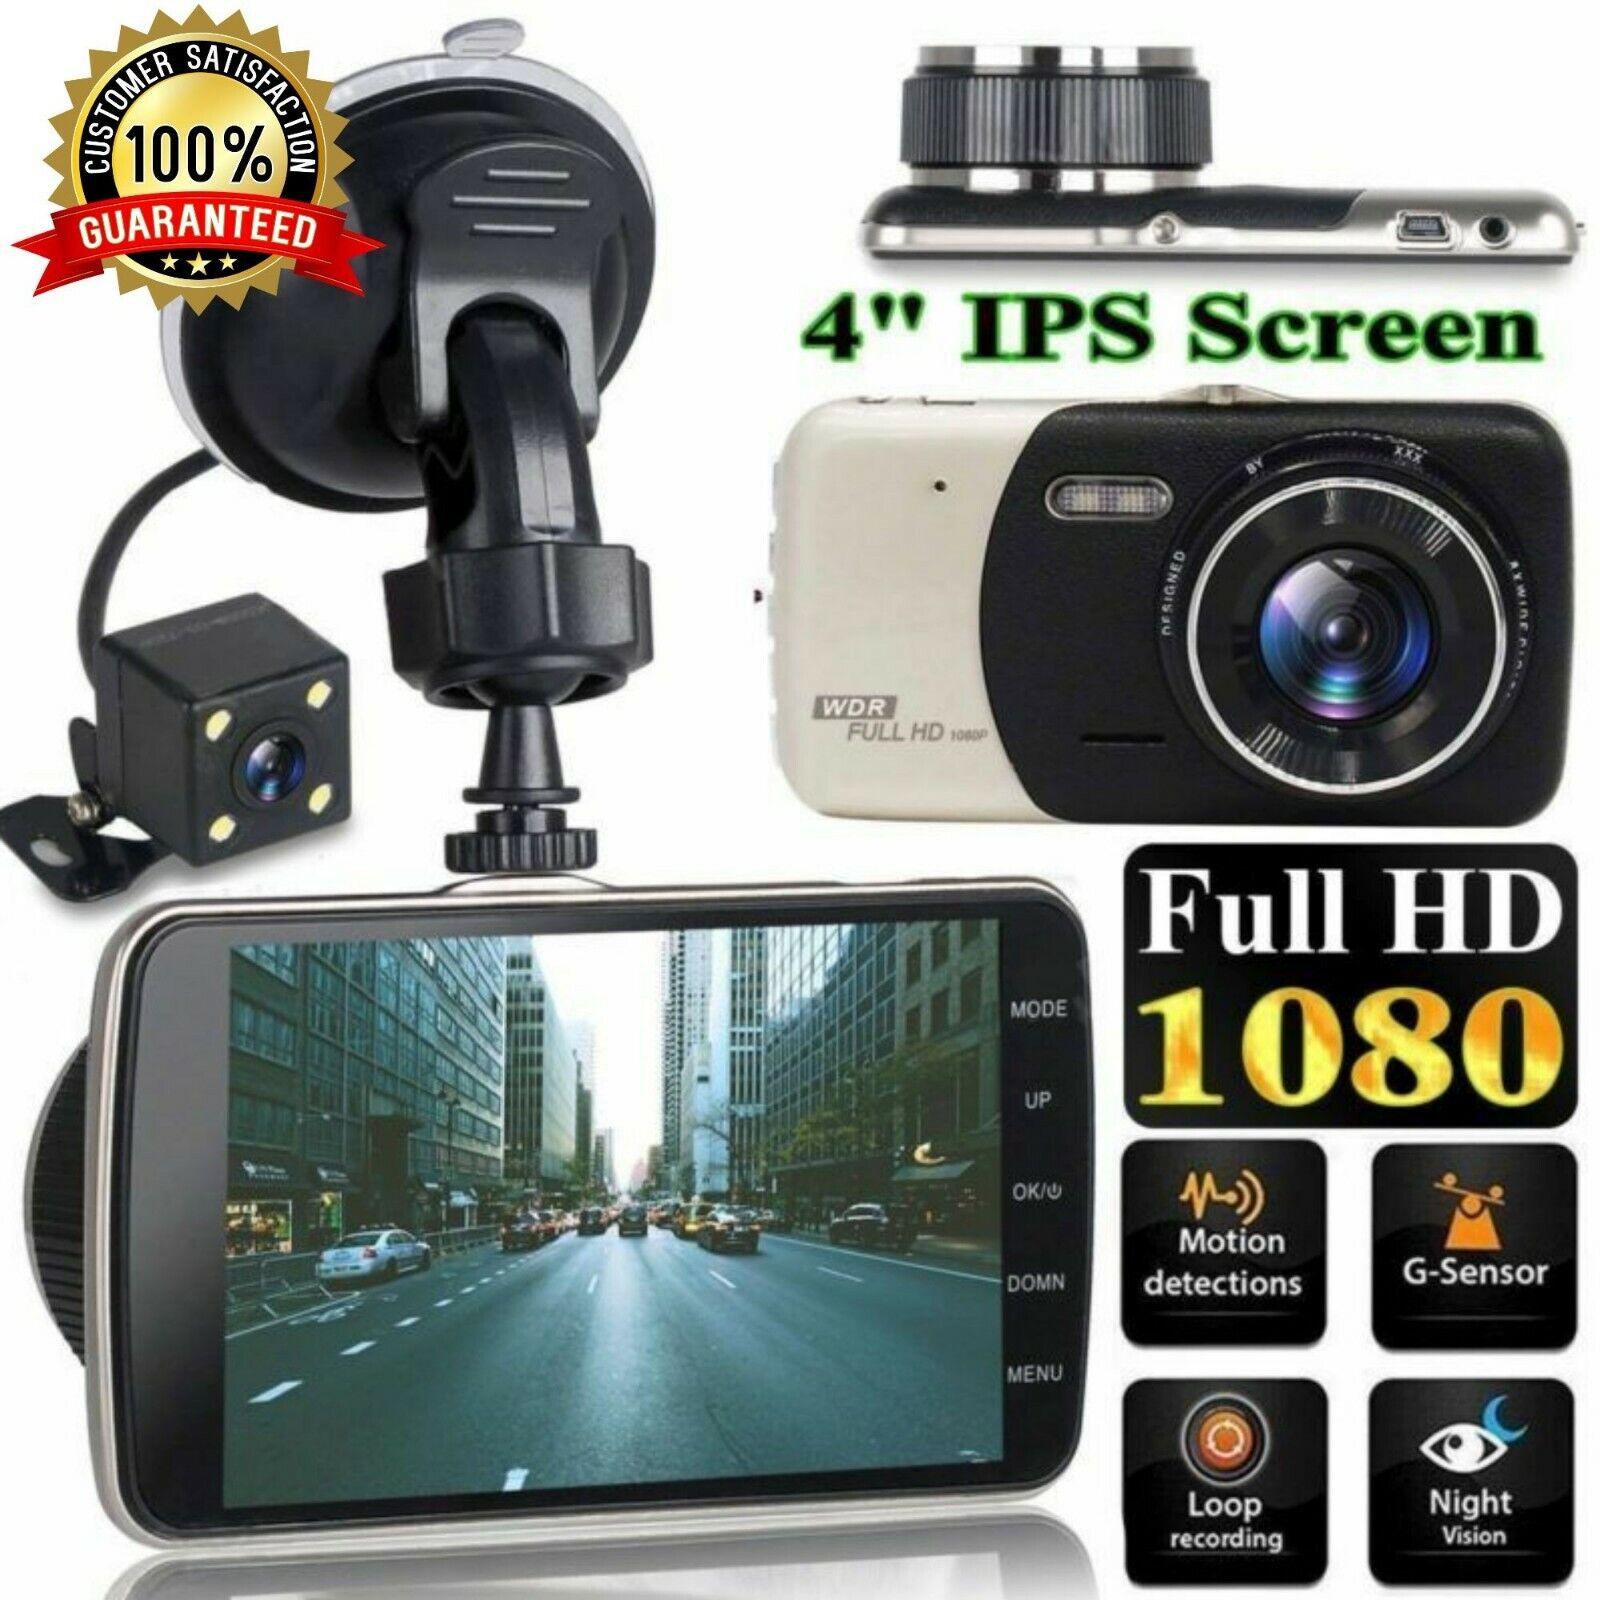 2 channel dash cam 1080p 4 hd